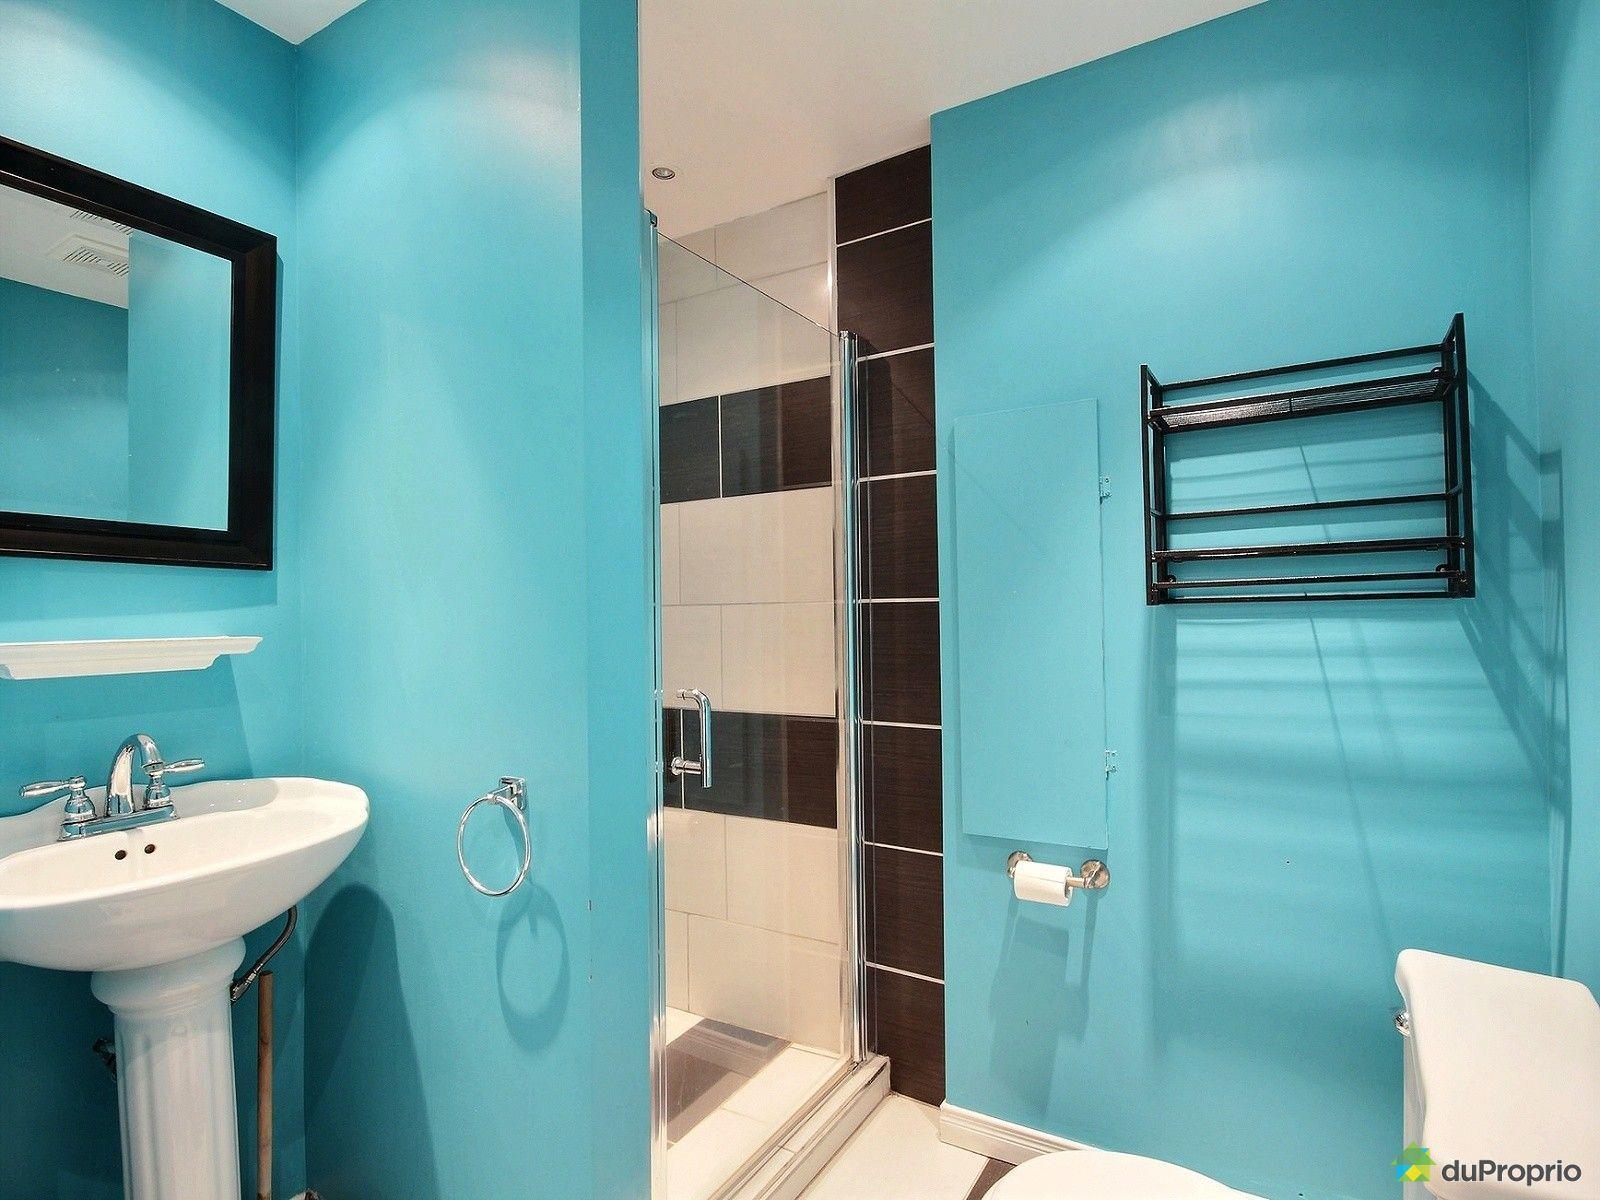 Bi g n ration vendre st jean chrysostome 924 rue de l for Prix salle de bain sous sol